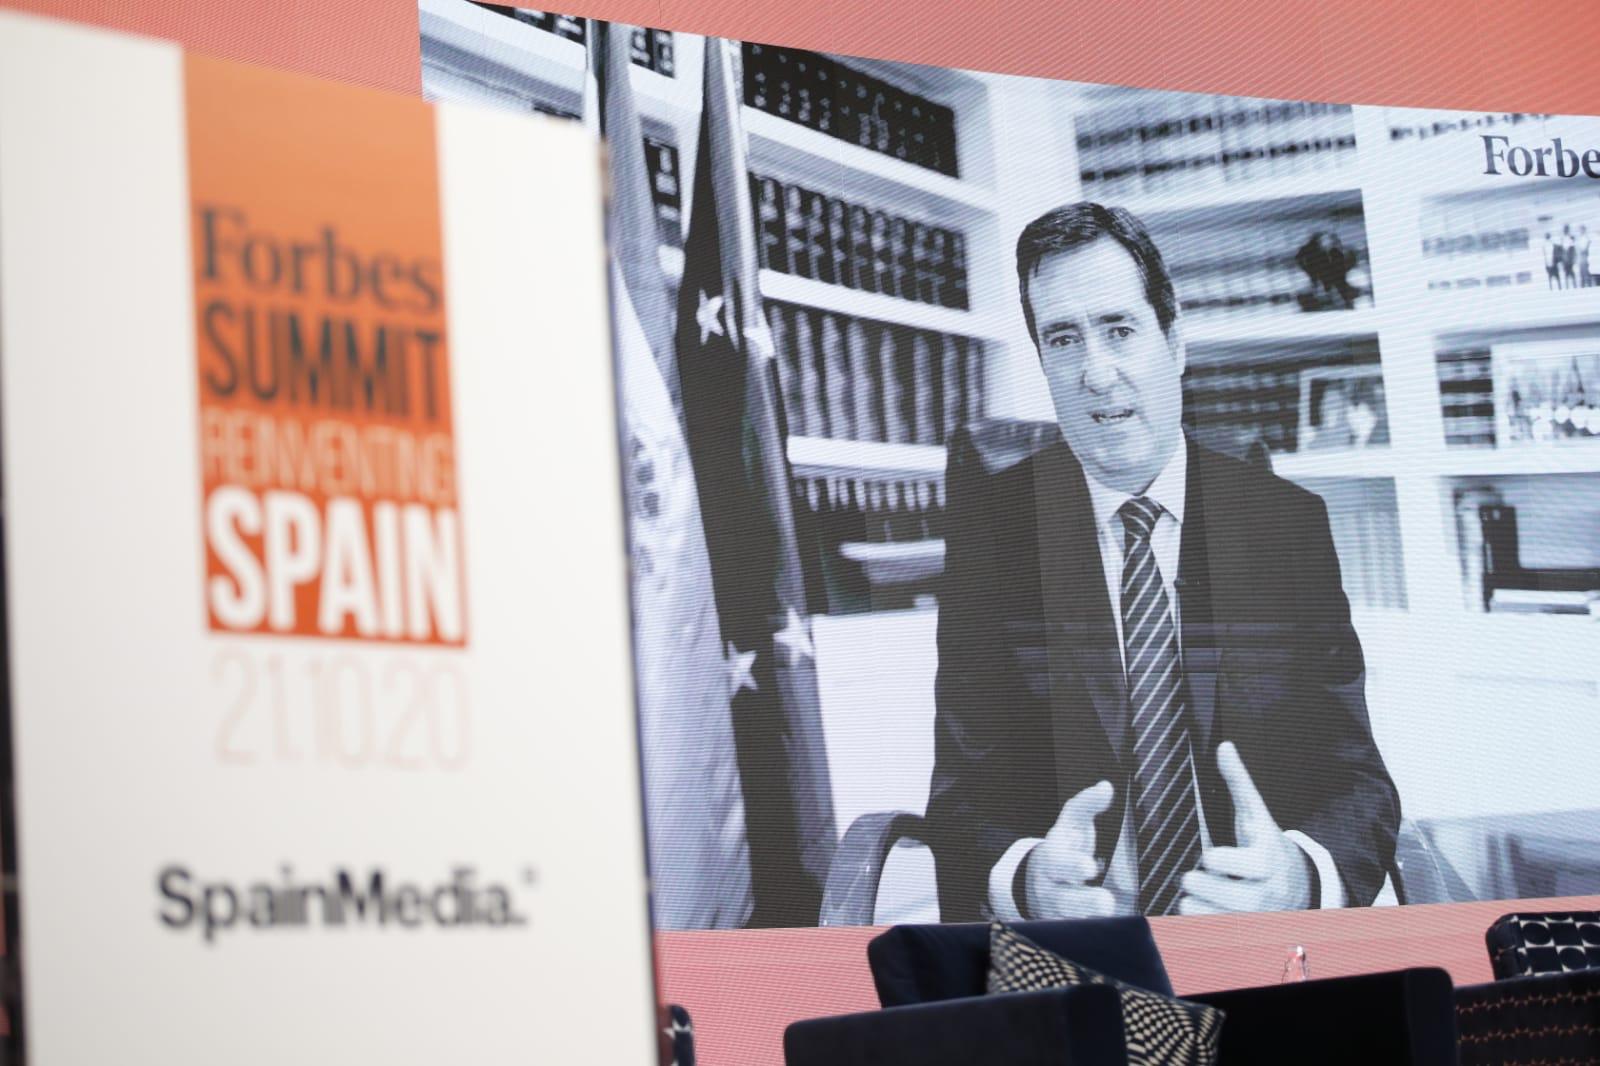 Fotogalería | Las mejores imágenes de Forbes Summit Reinventig Spain